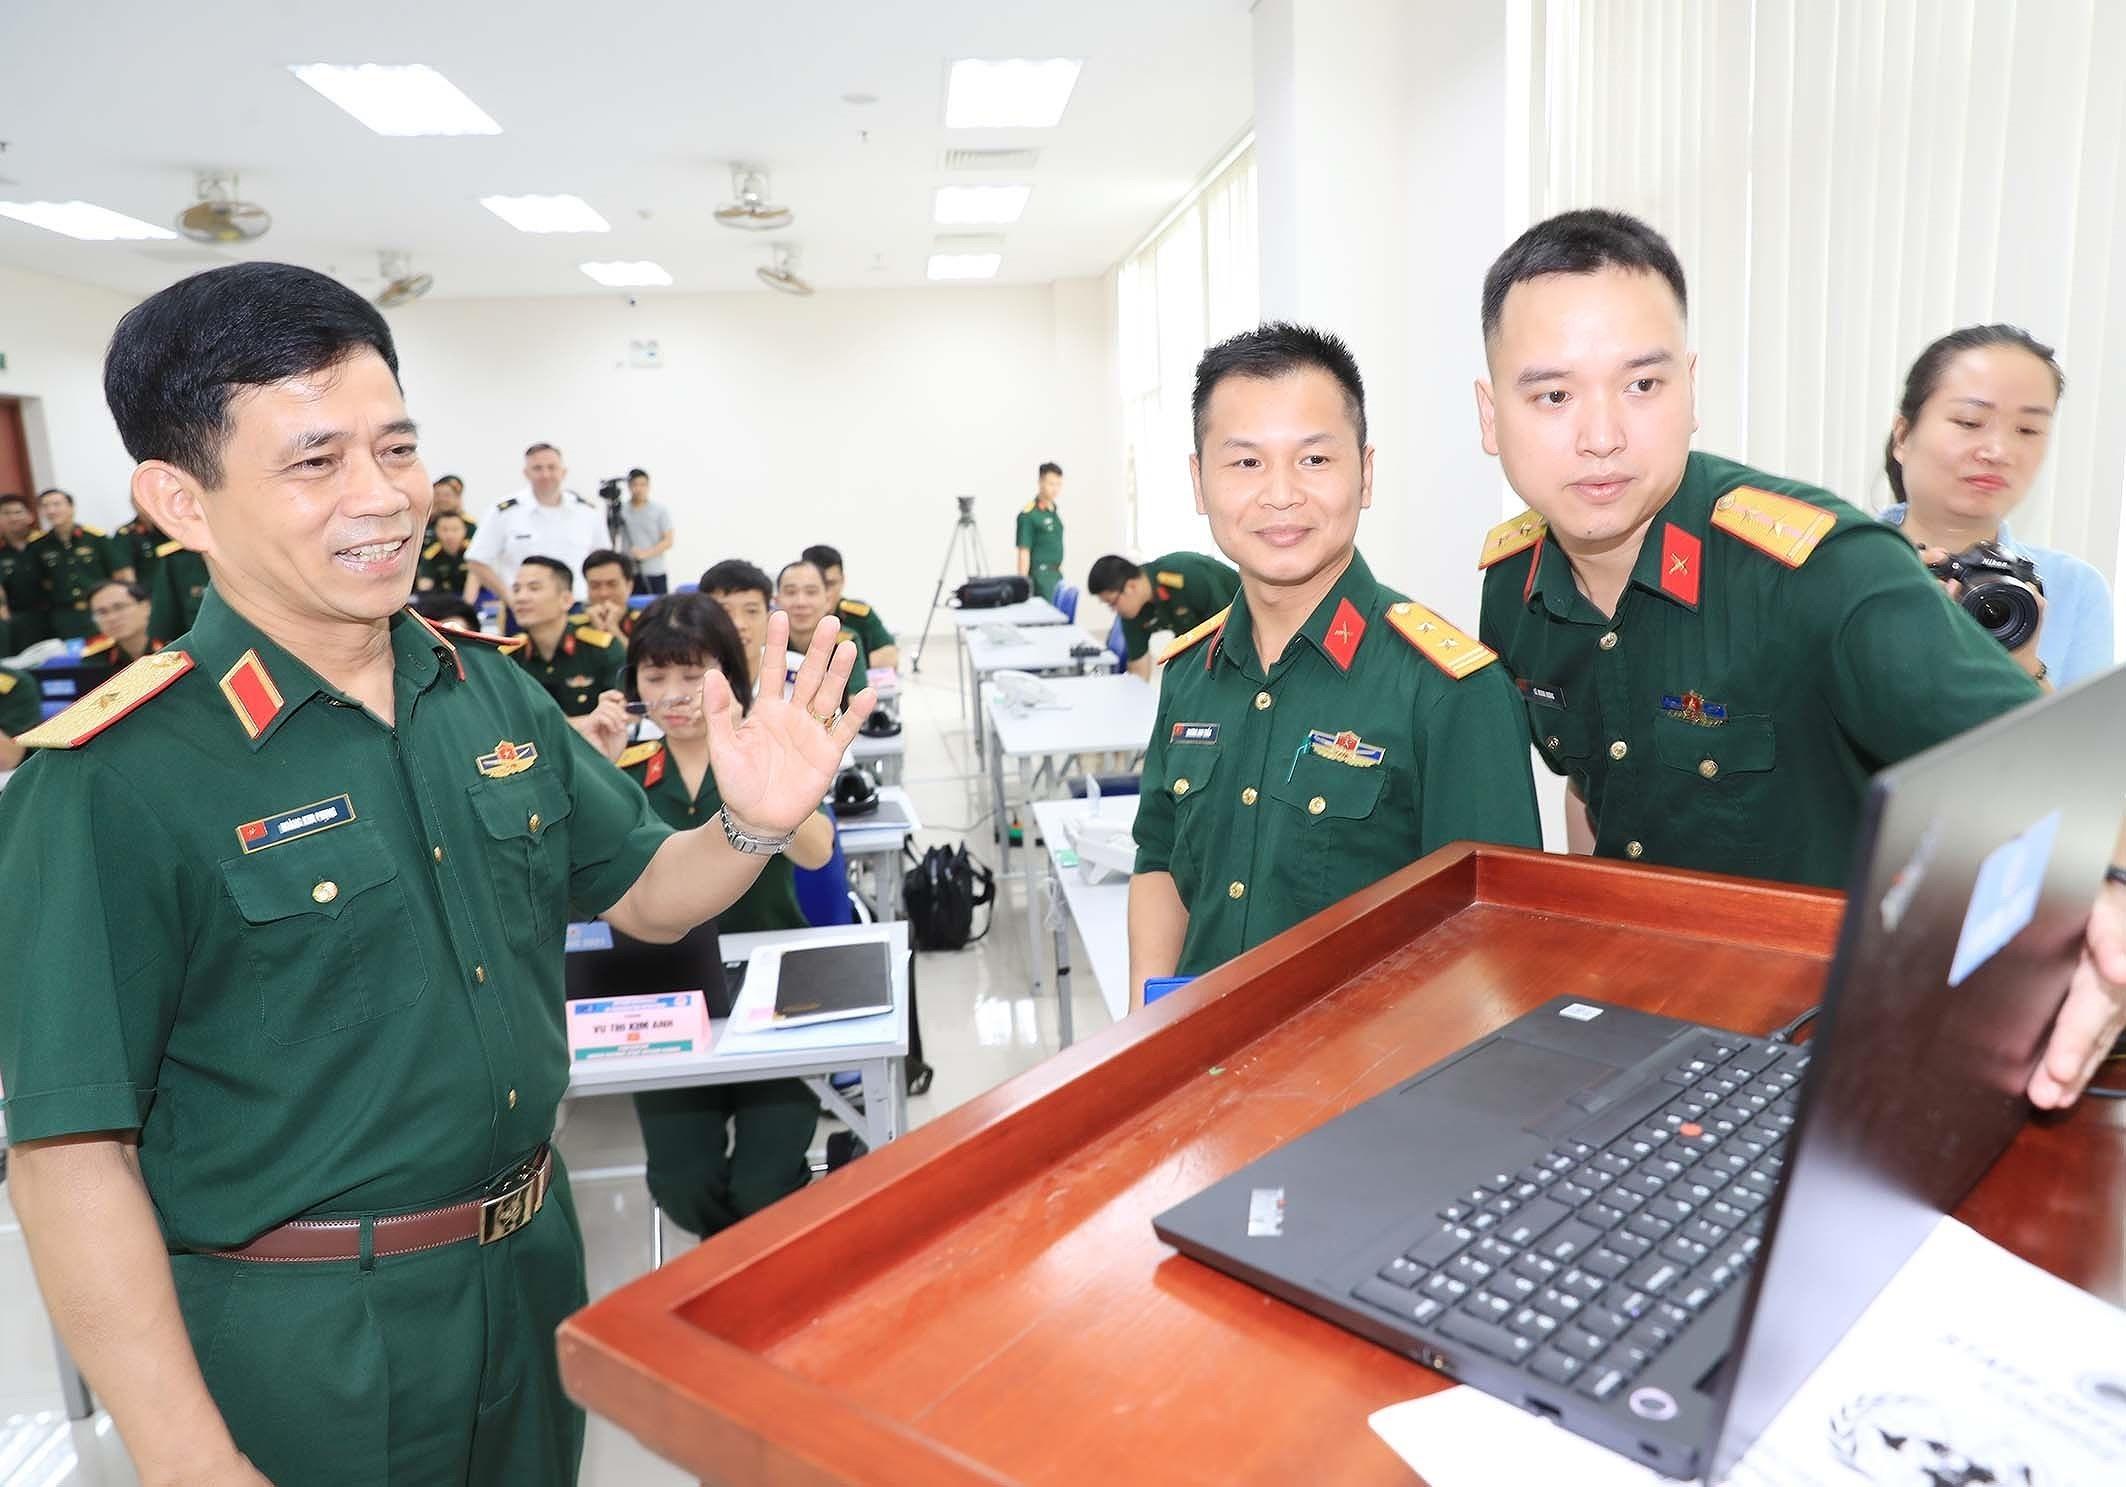 Ouverture d'un cours de formation pour les officiers d'etat-major des Nations Unies hinh anh 5